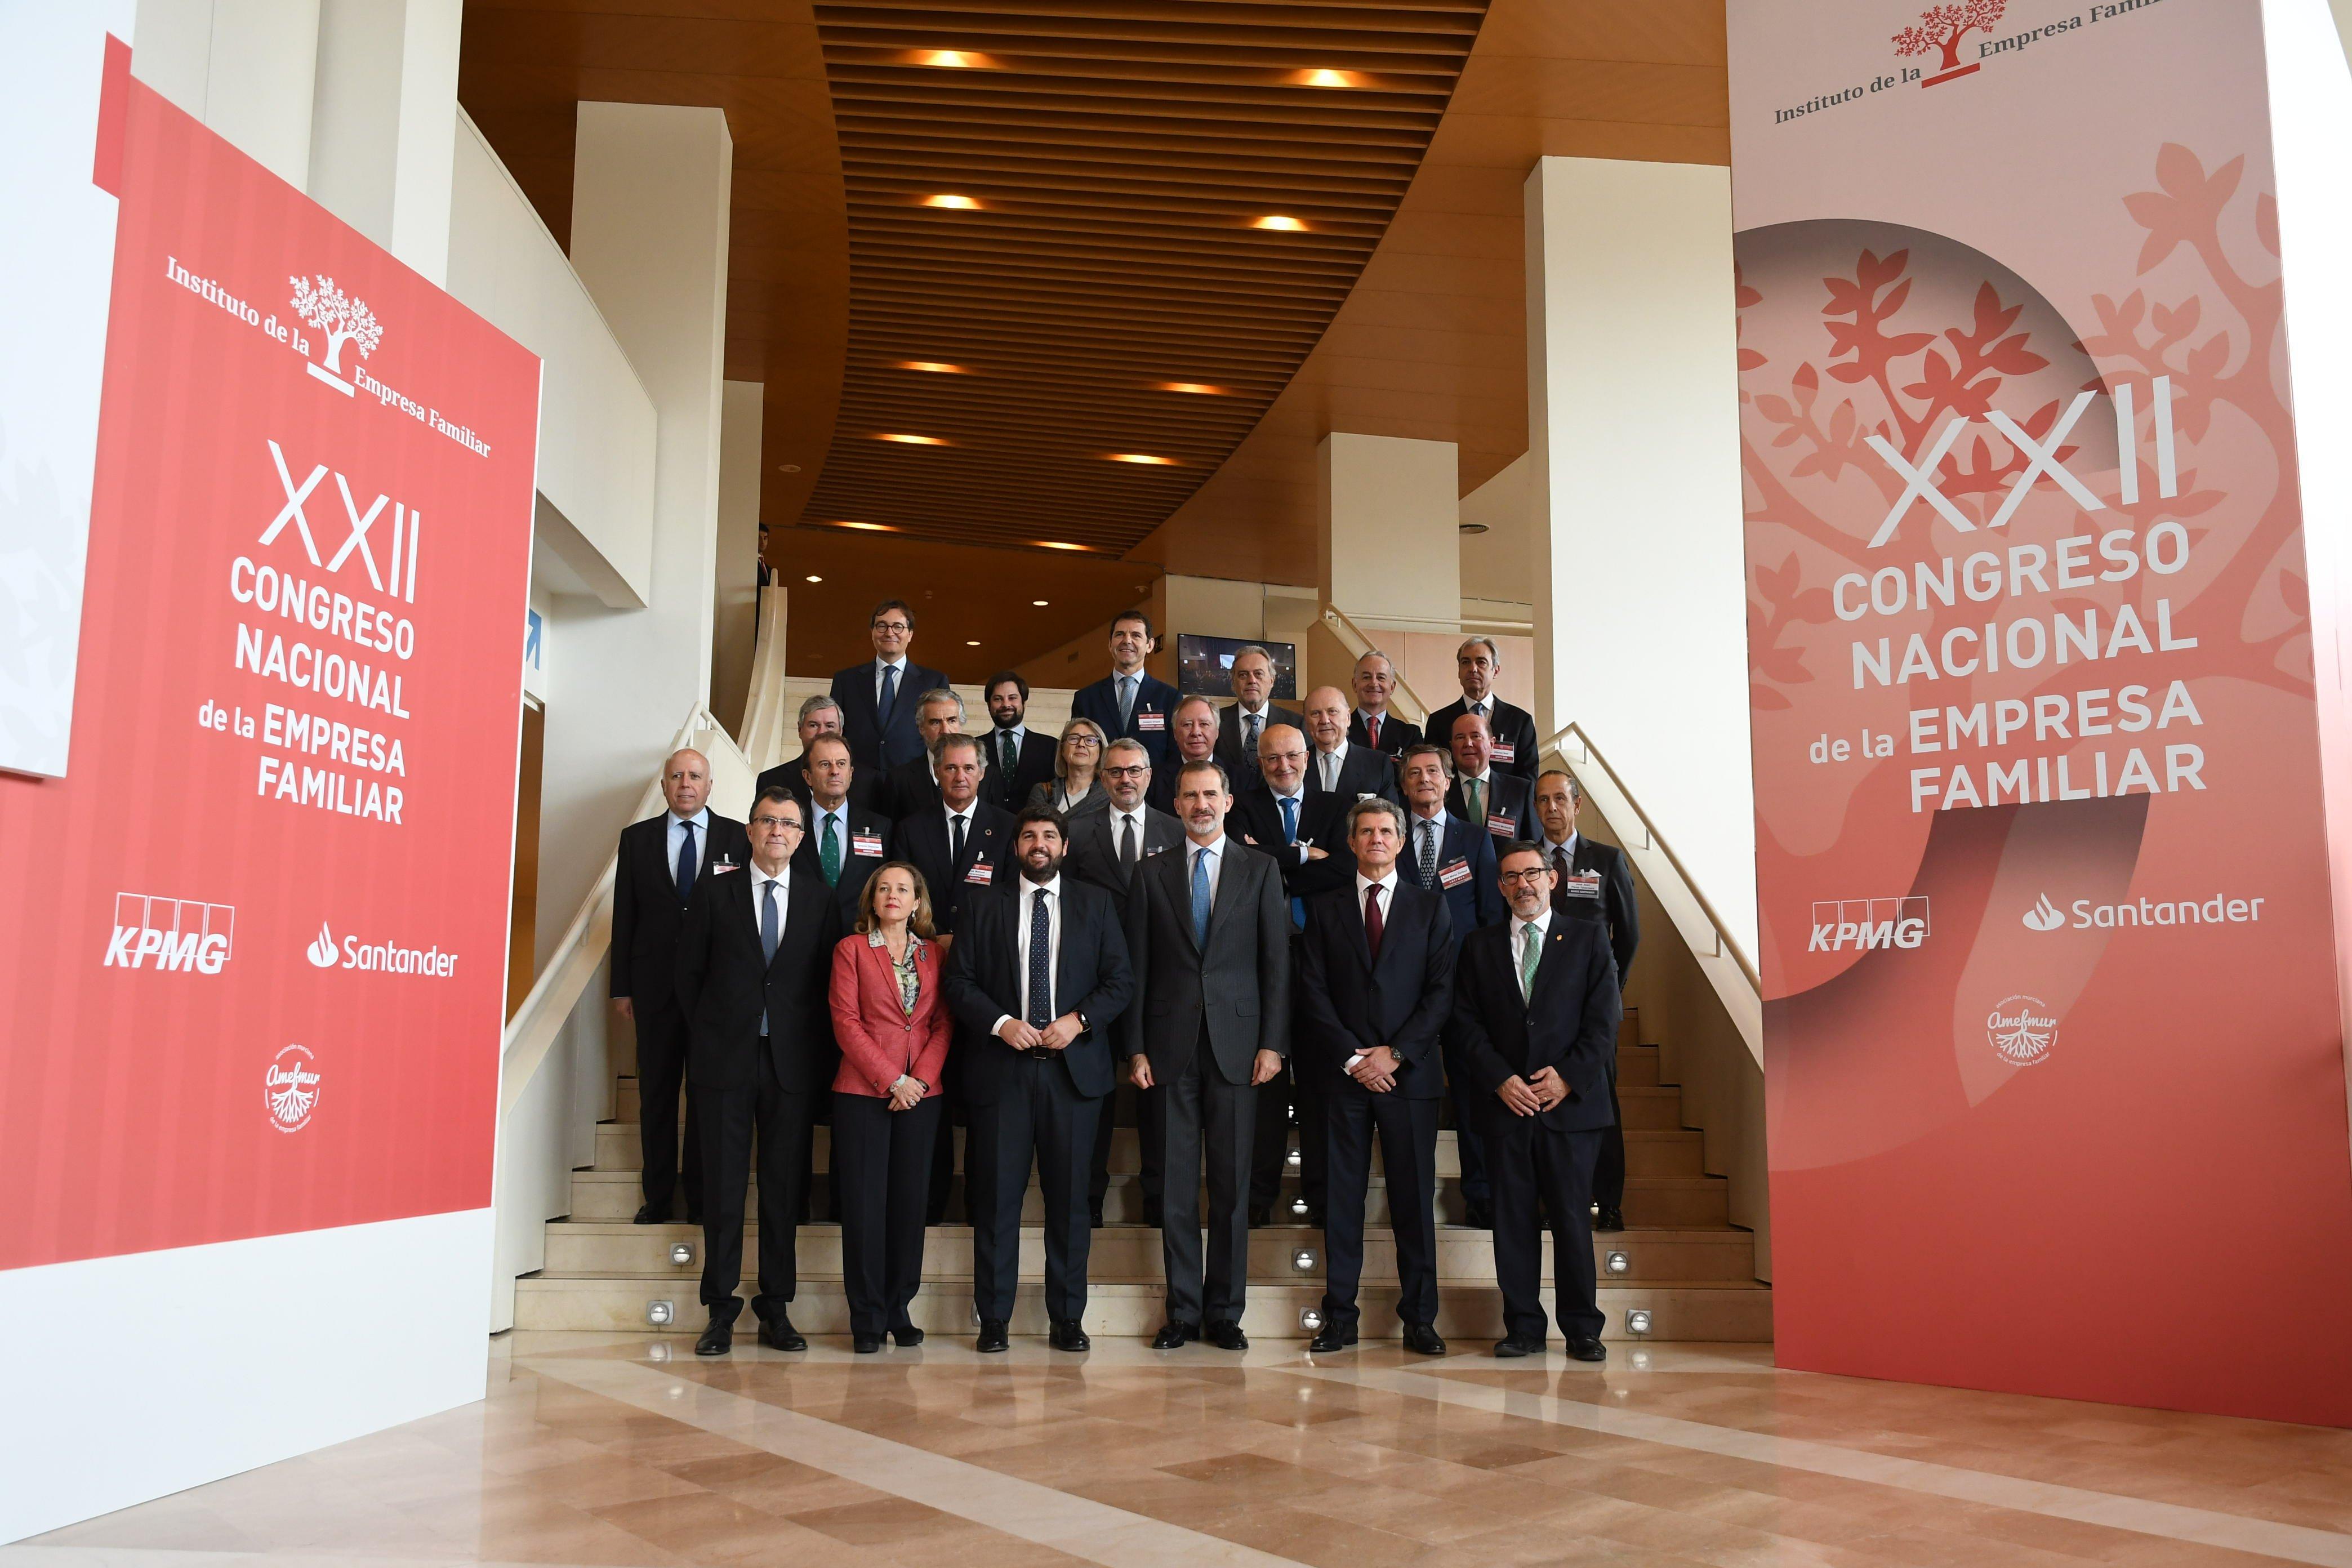 Felipe VI y la ministra de Economía en funciones, Nadia Calviño, posan con los miembros de la Junta Directiva del IEF